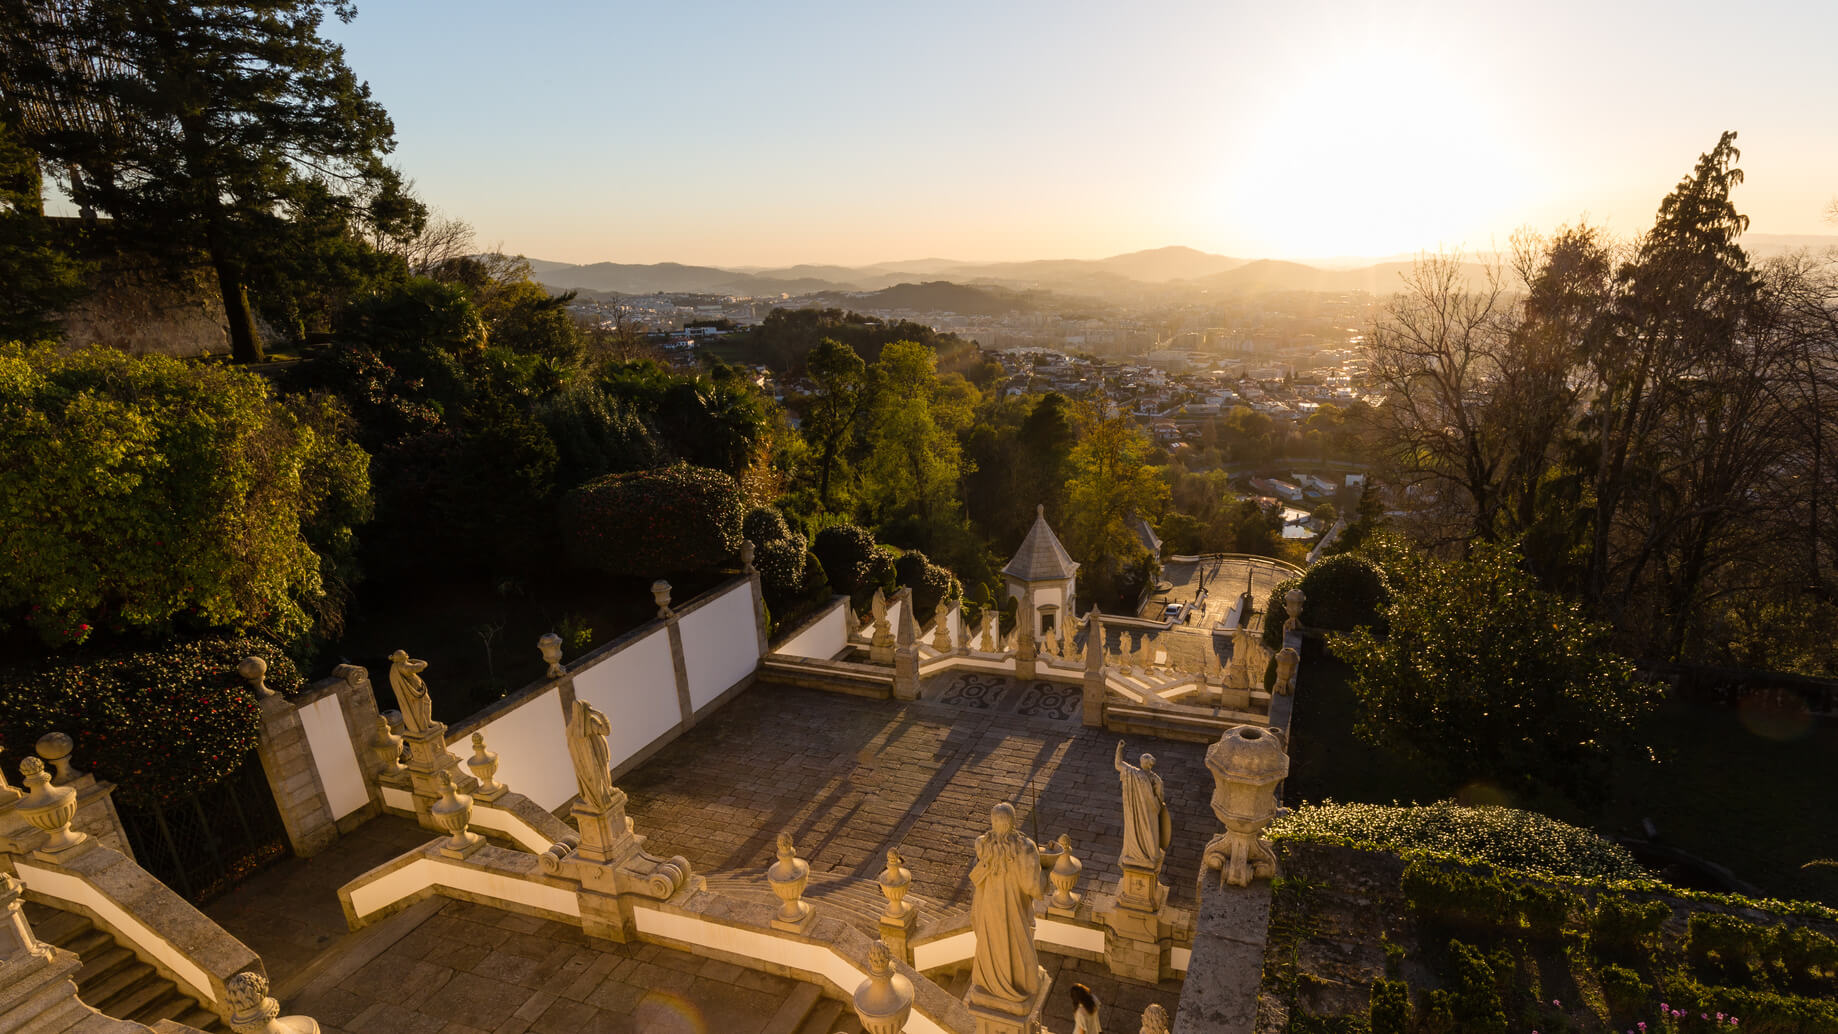 Visitas Guiadas Braga e Guimarães - Vistas da Cidade